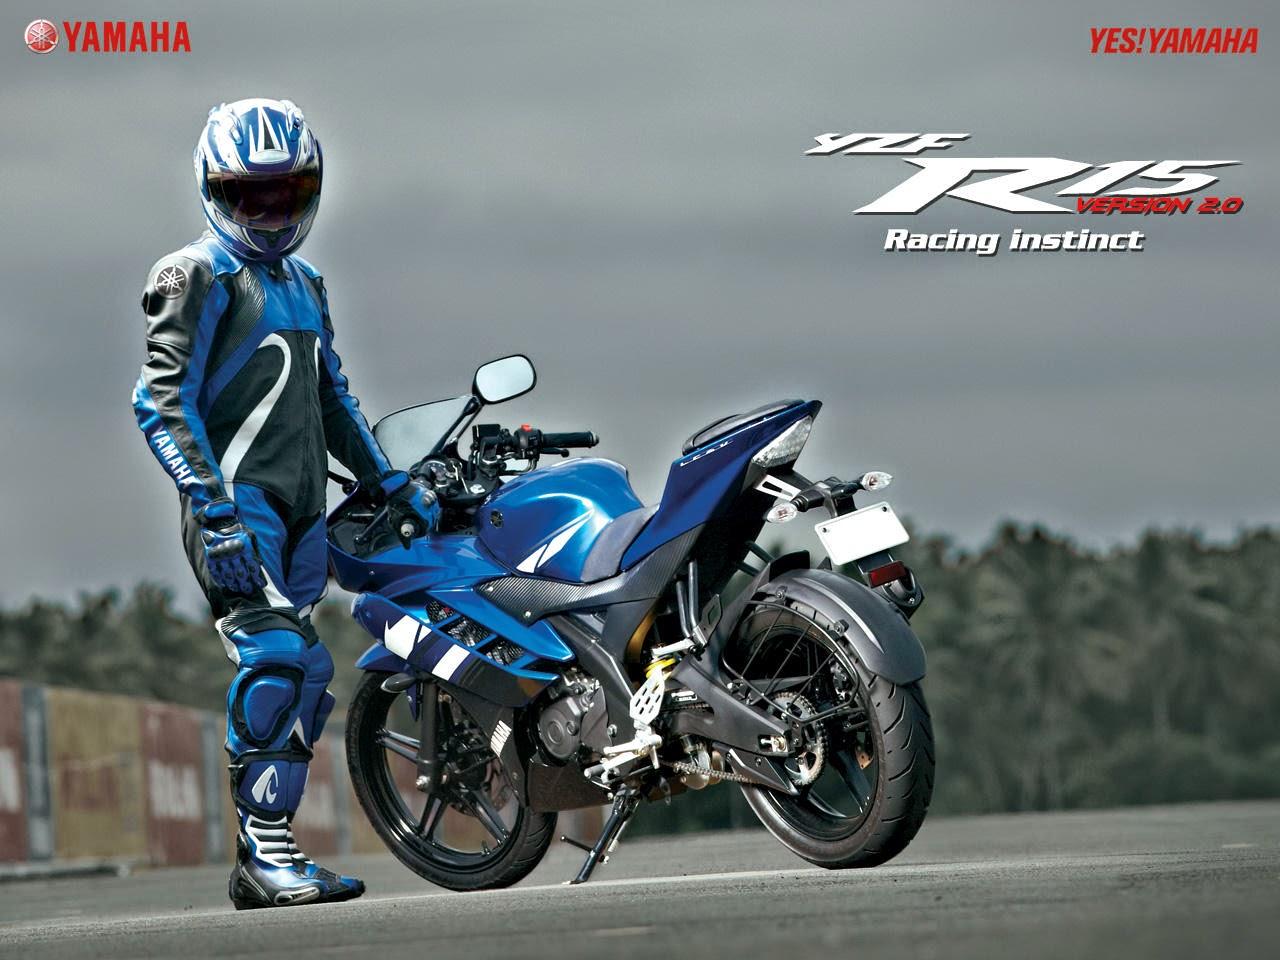 otoasia.net - Yamaha Indonesia membuka inden online YZF-R15 mulai 15 April – 15 Mei 2014 mendatang di situs www.IWantYamahaR15.com . Dalam nden online ini ada 1.500 pembeli pertama yang beruntung menjadi pemilik pertama R15 di Indonesia.